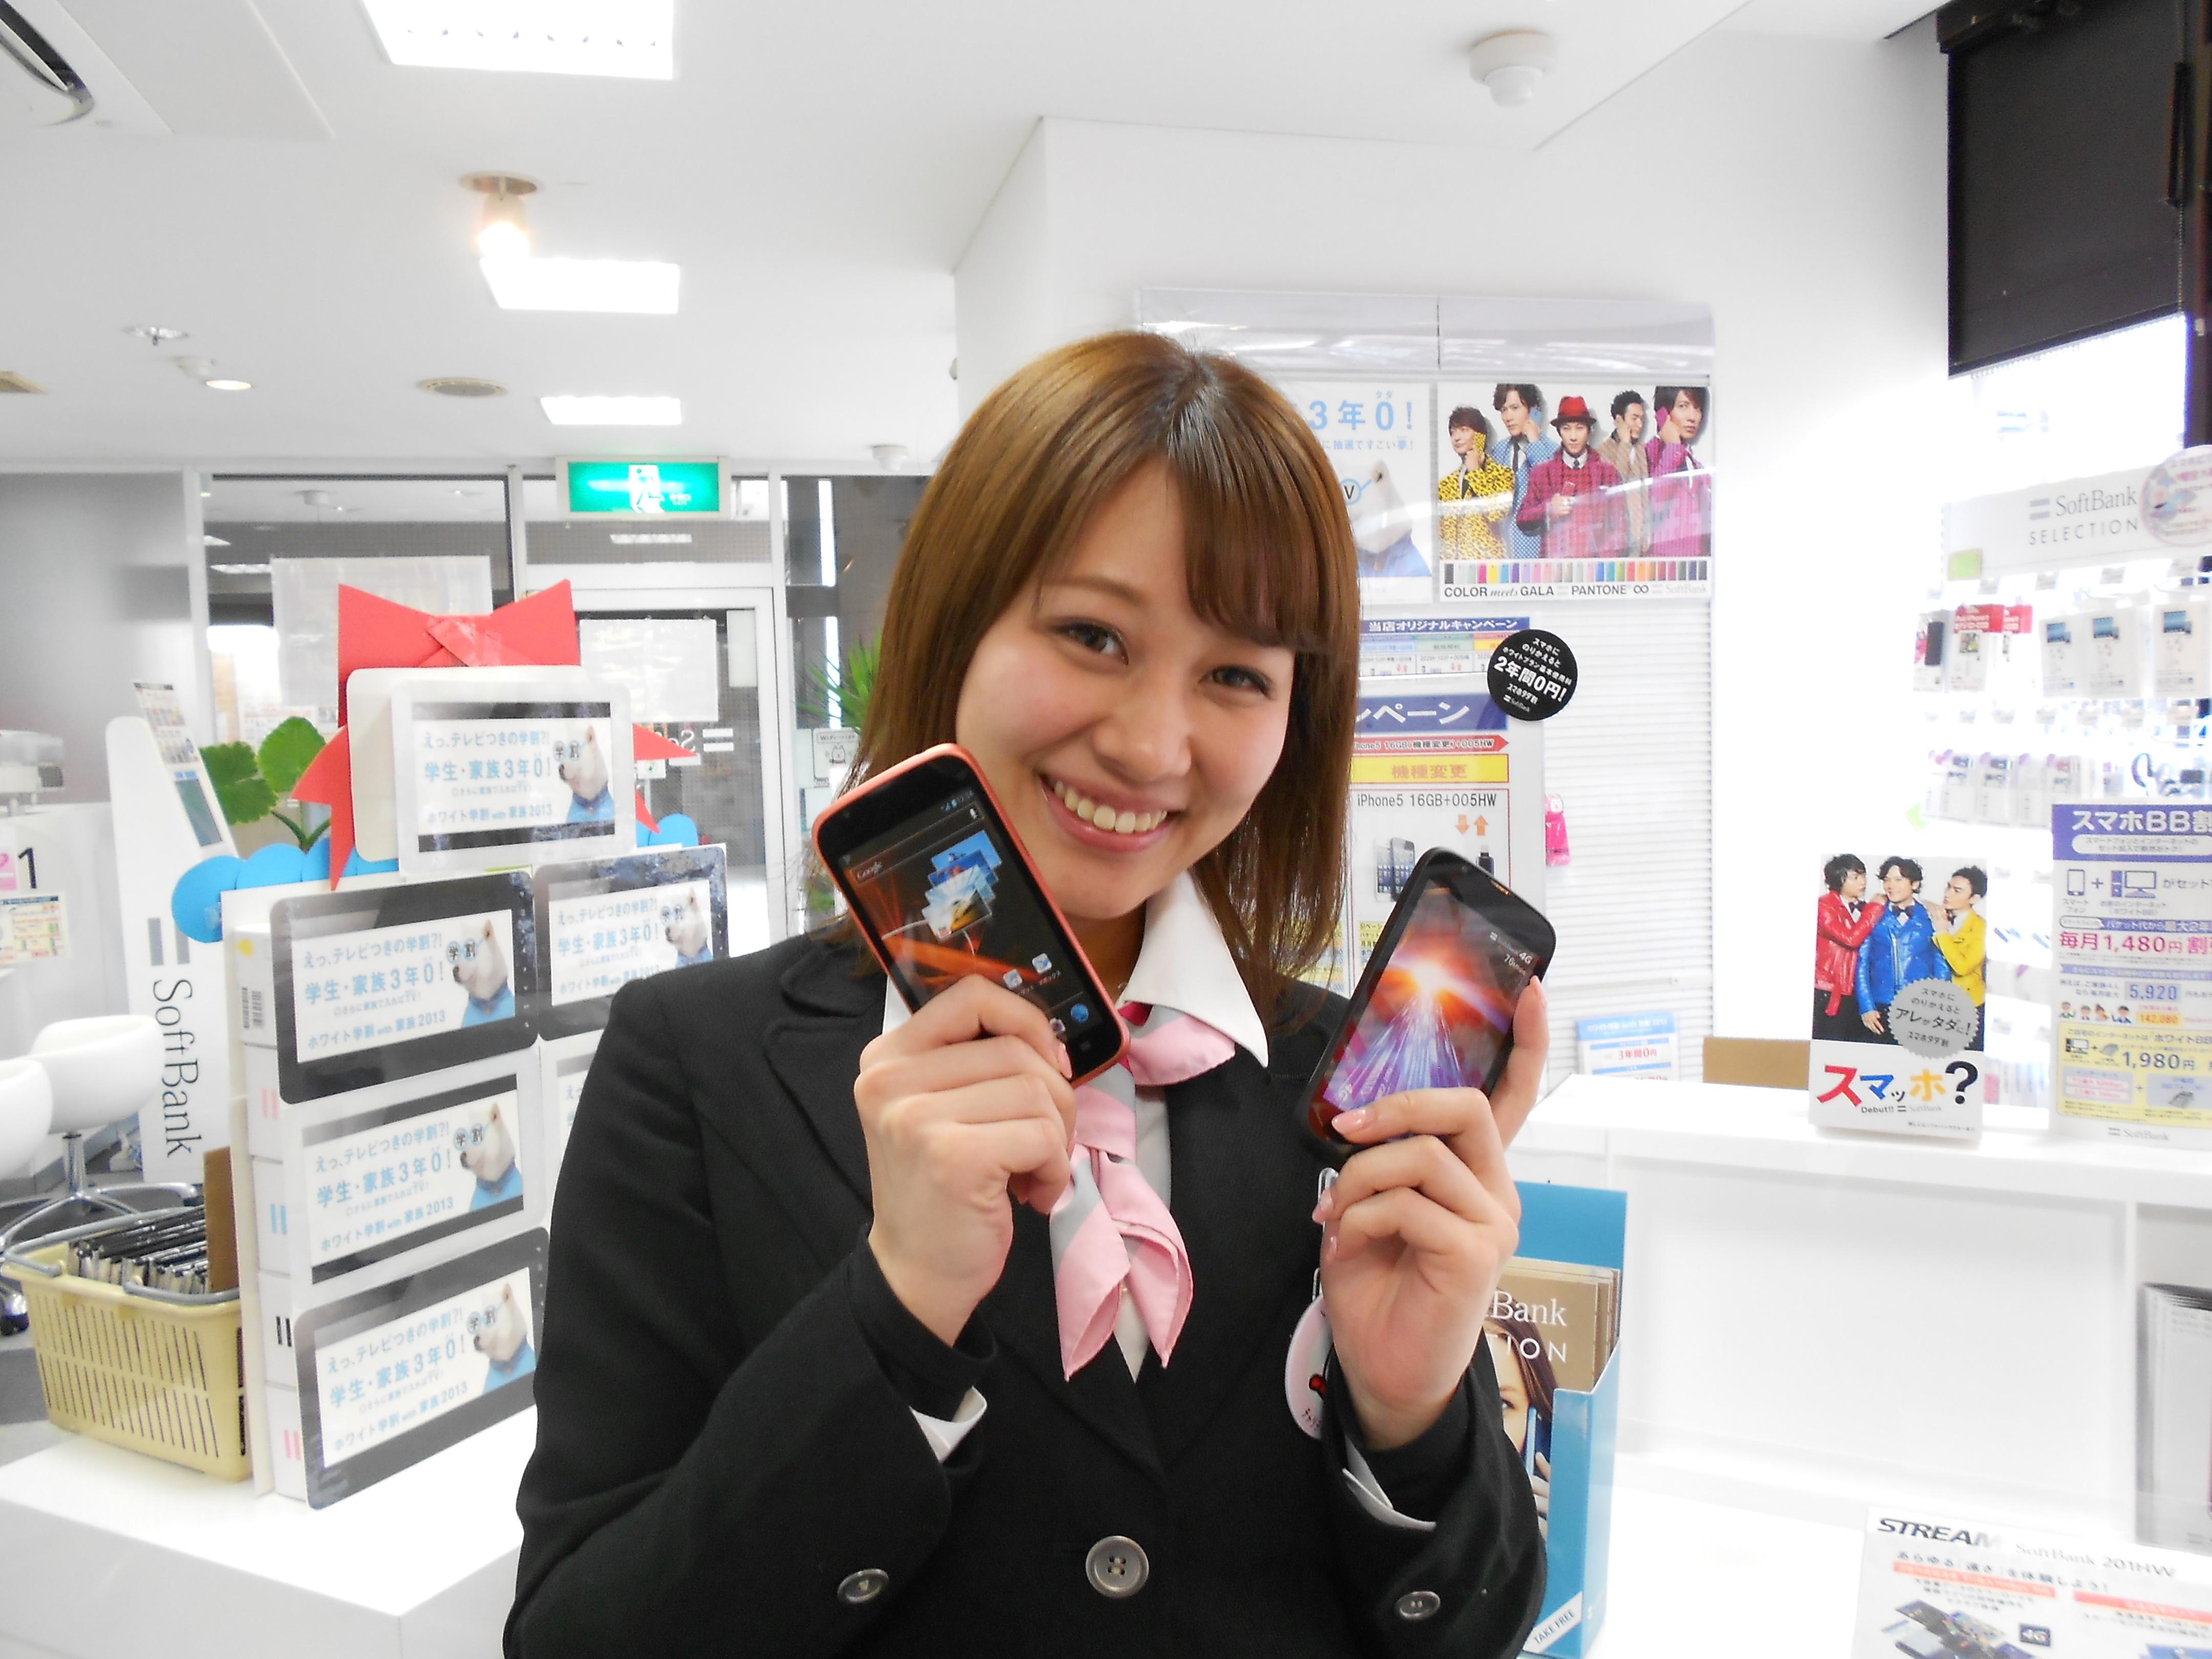 ソフトバンク 鶴見市場(株式会社シエロ)のアルバイト情報